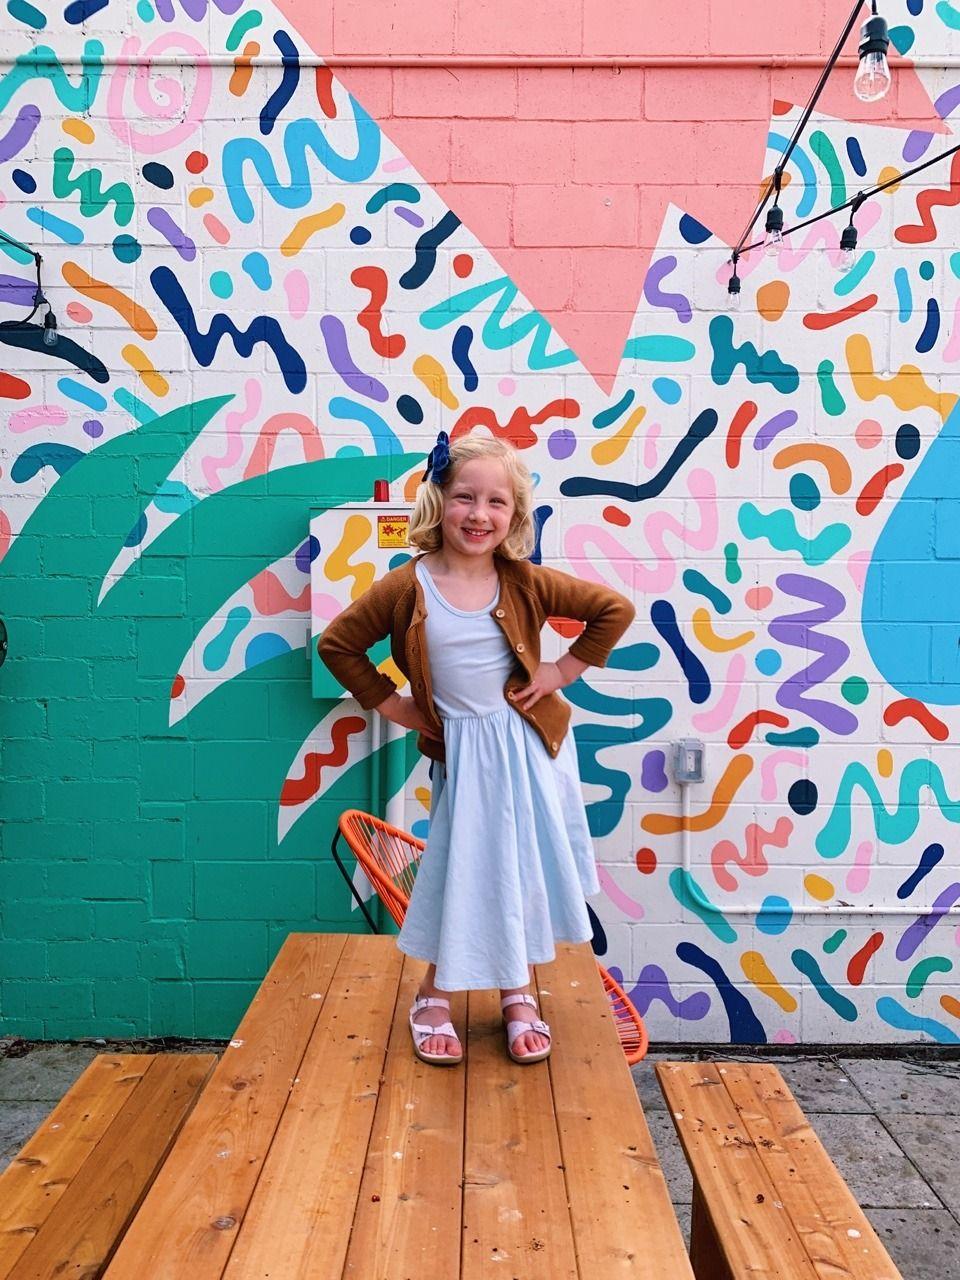 Blogtown, USA image